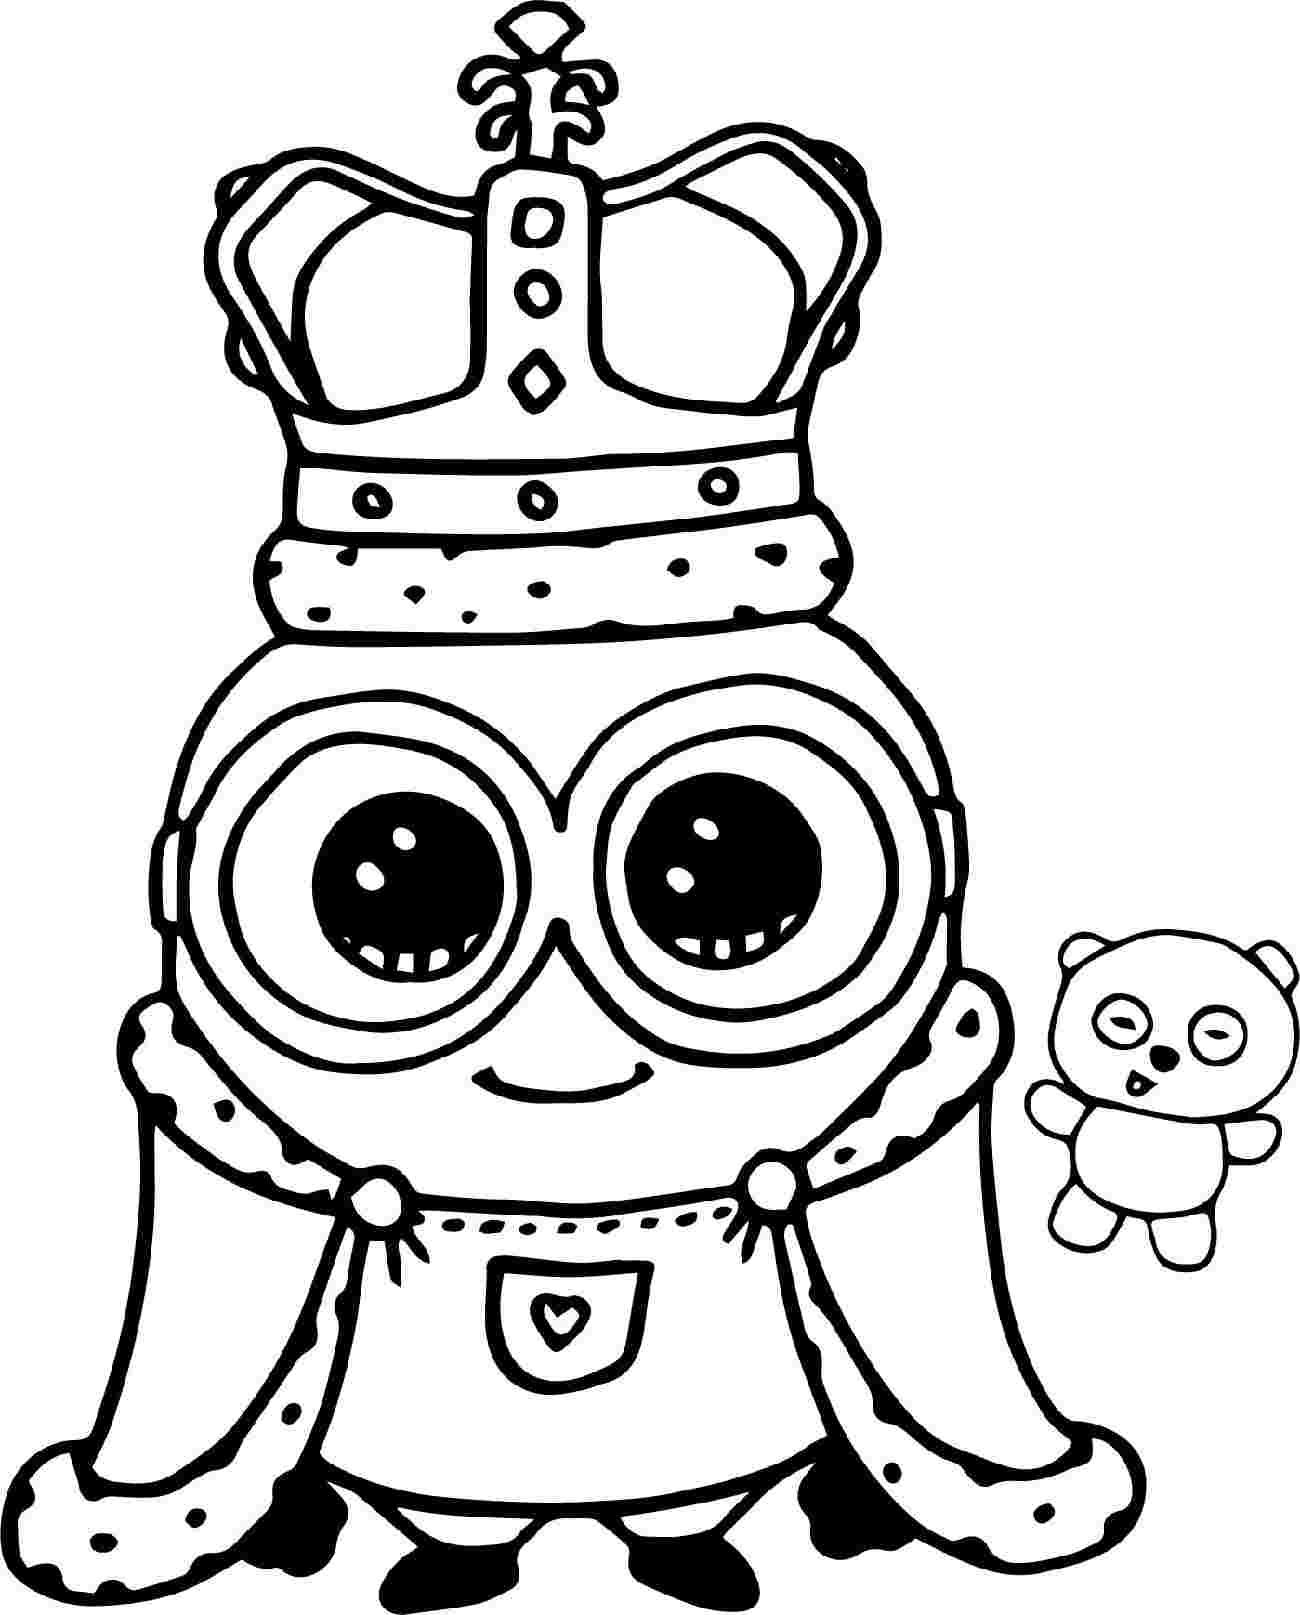 Tranh tô màu minion hoàng hậu